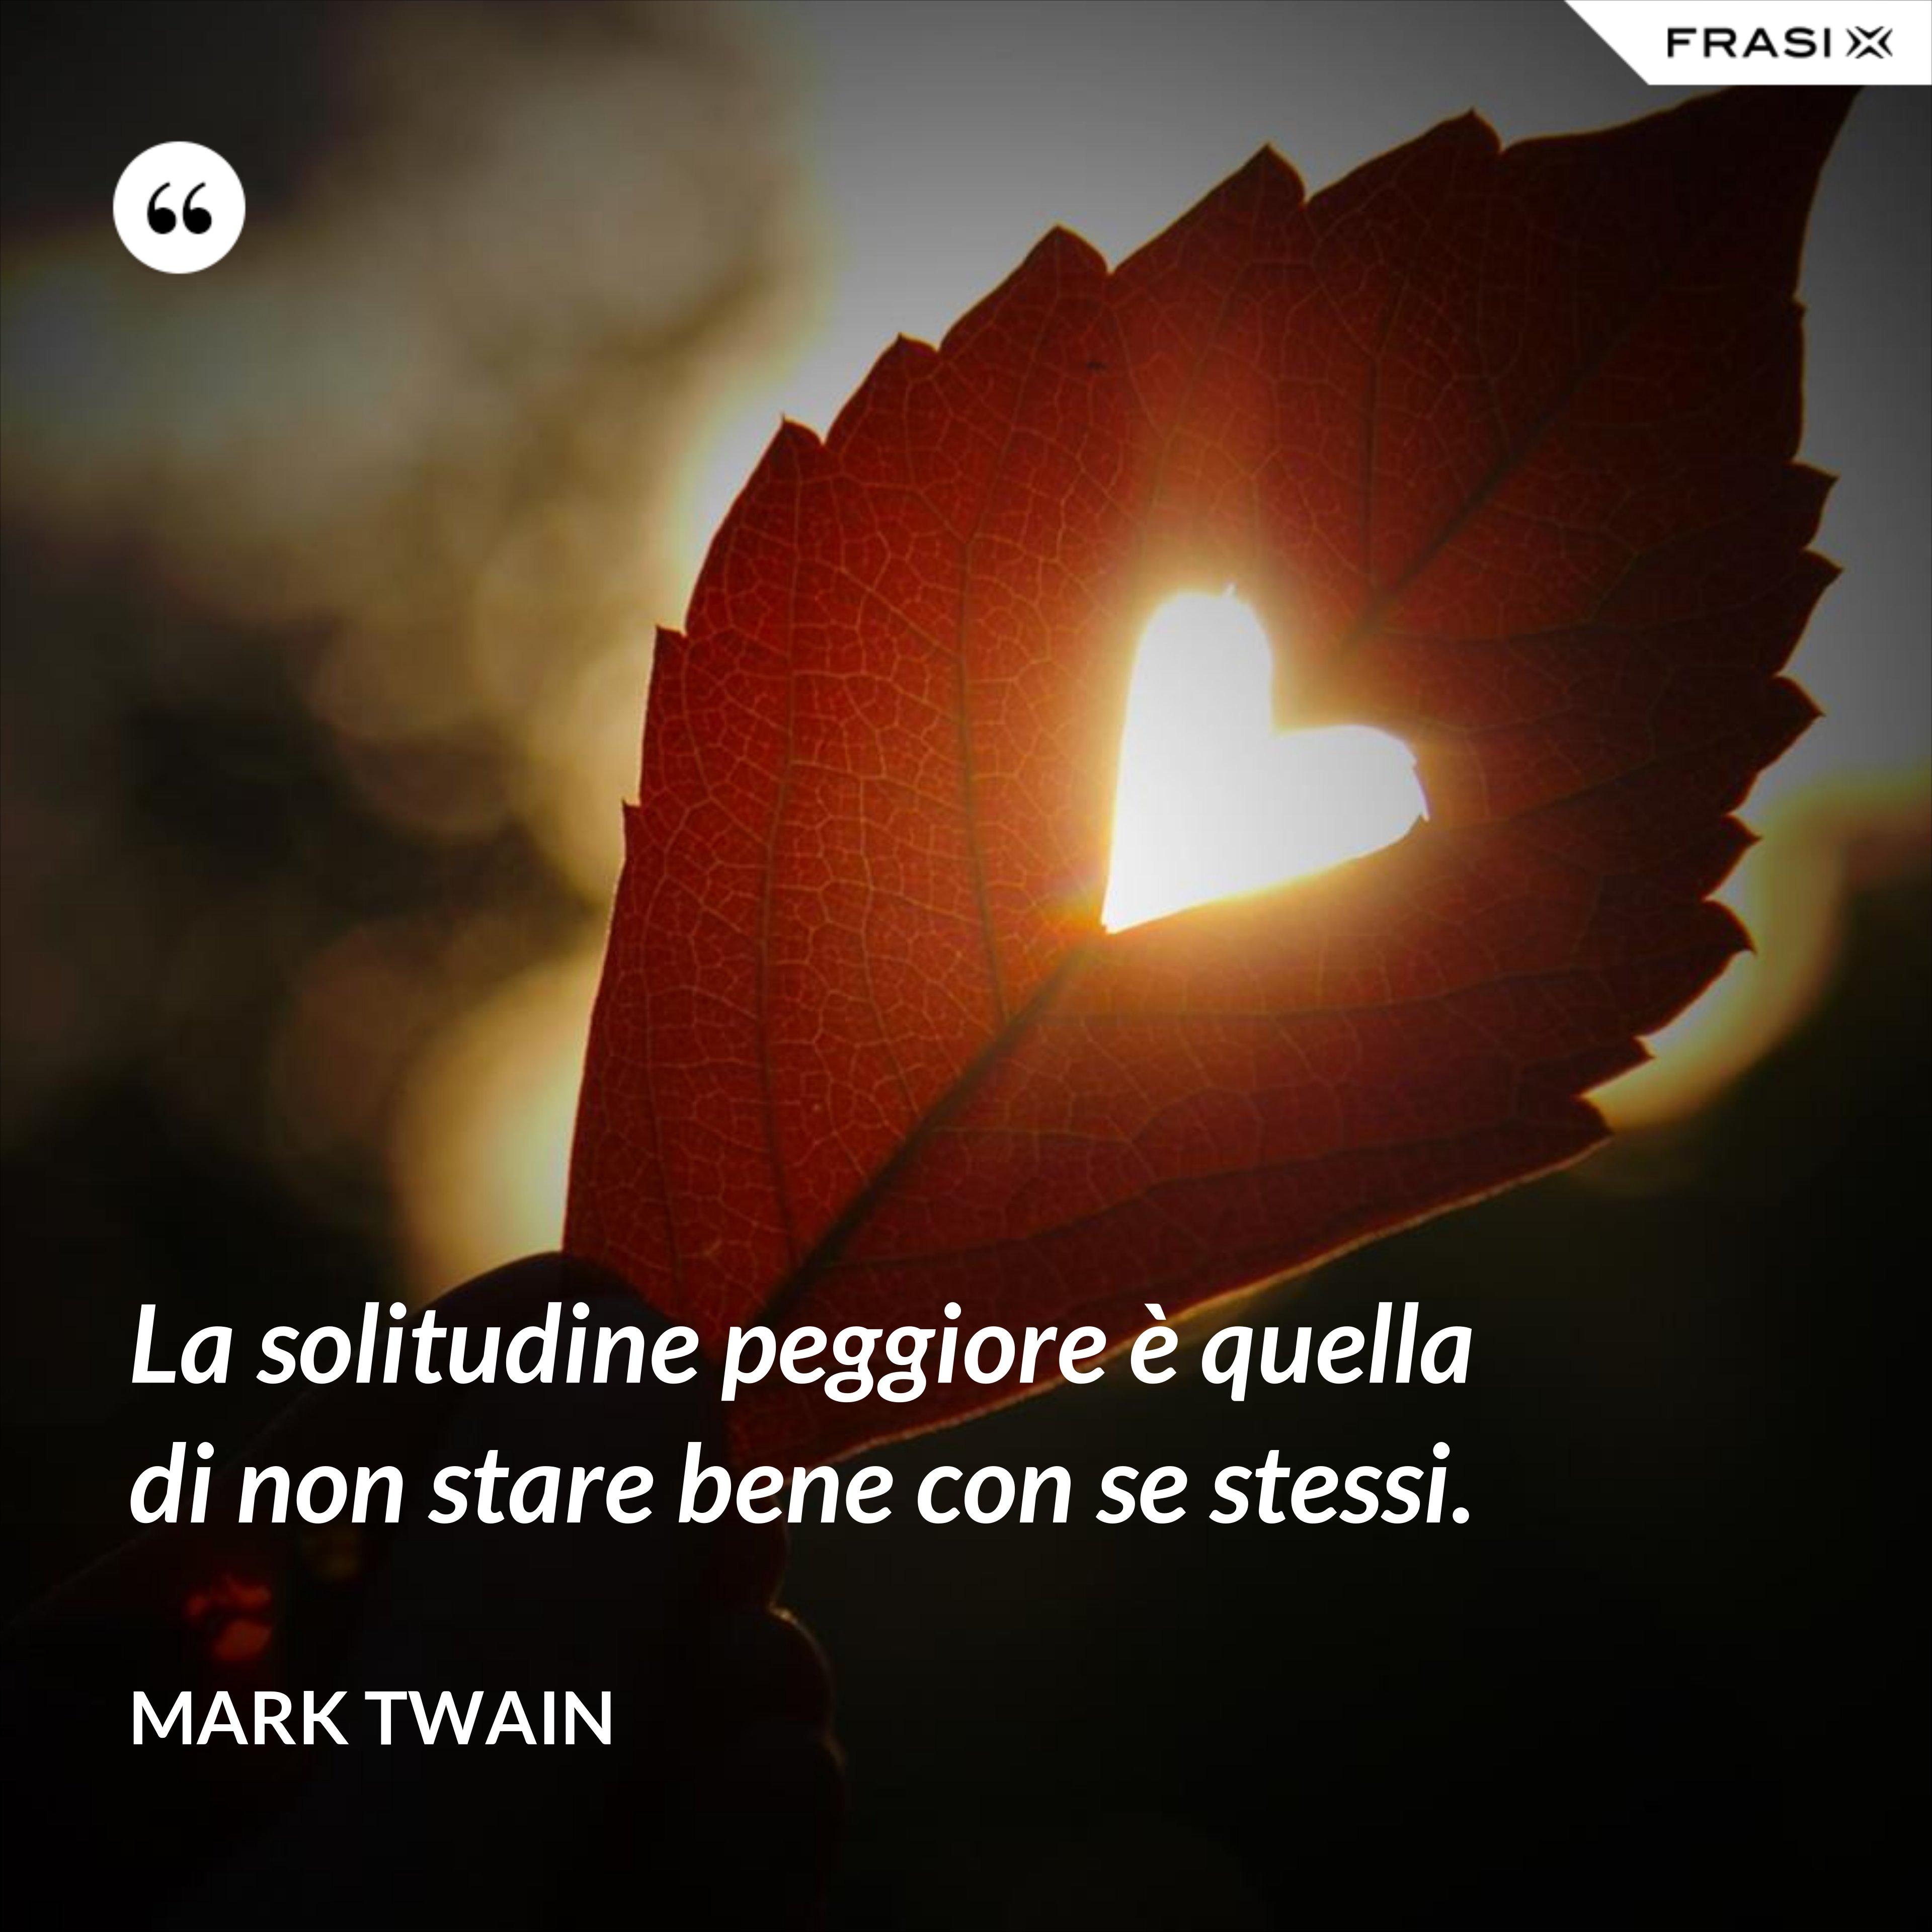 La solitudine peggiore è quella di non stare bene con se stessi. - Mark Twain